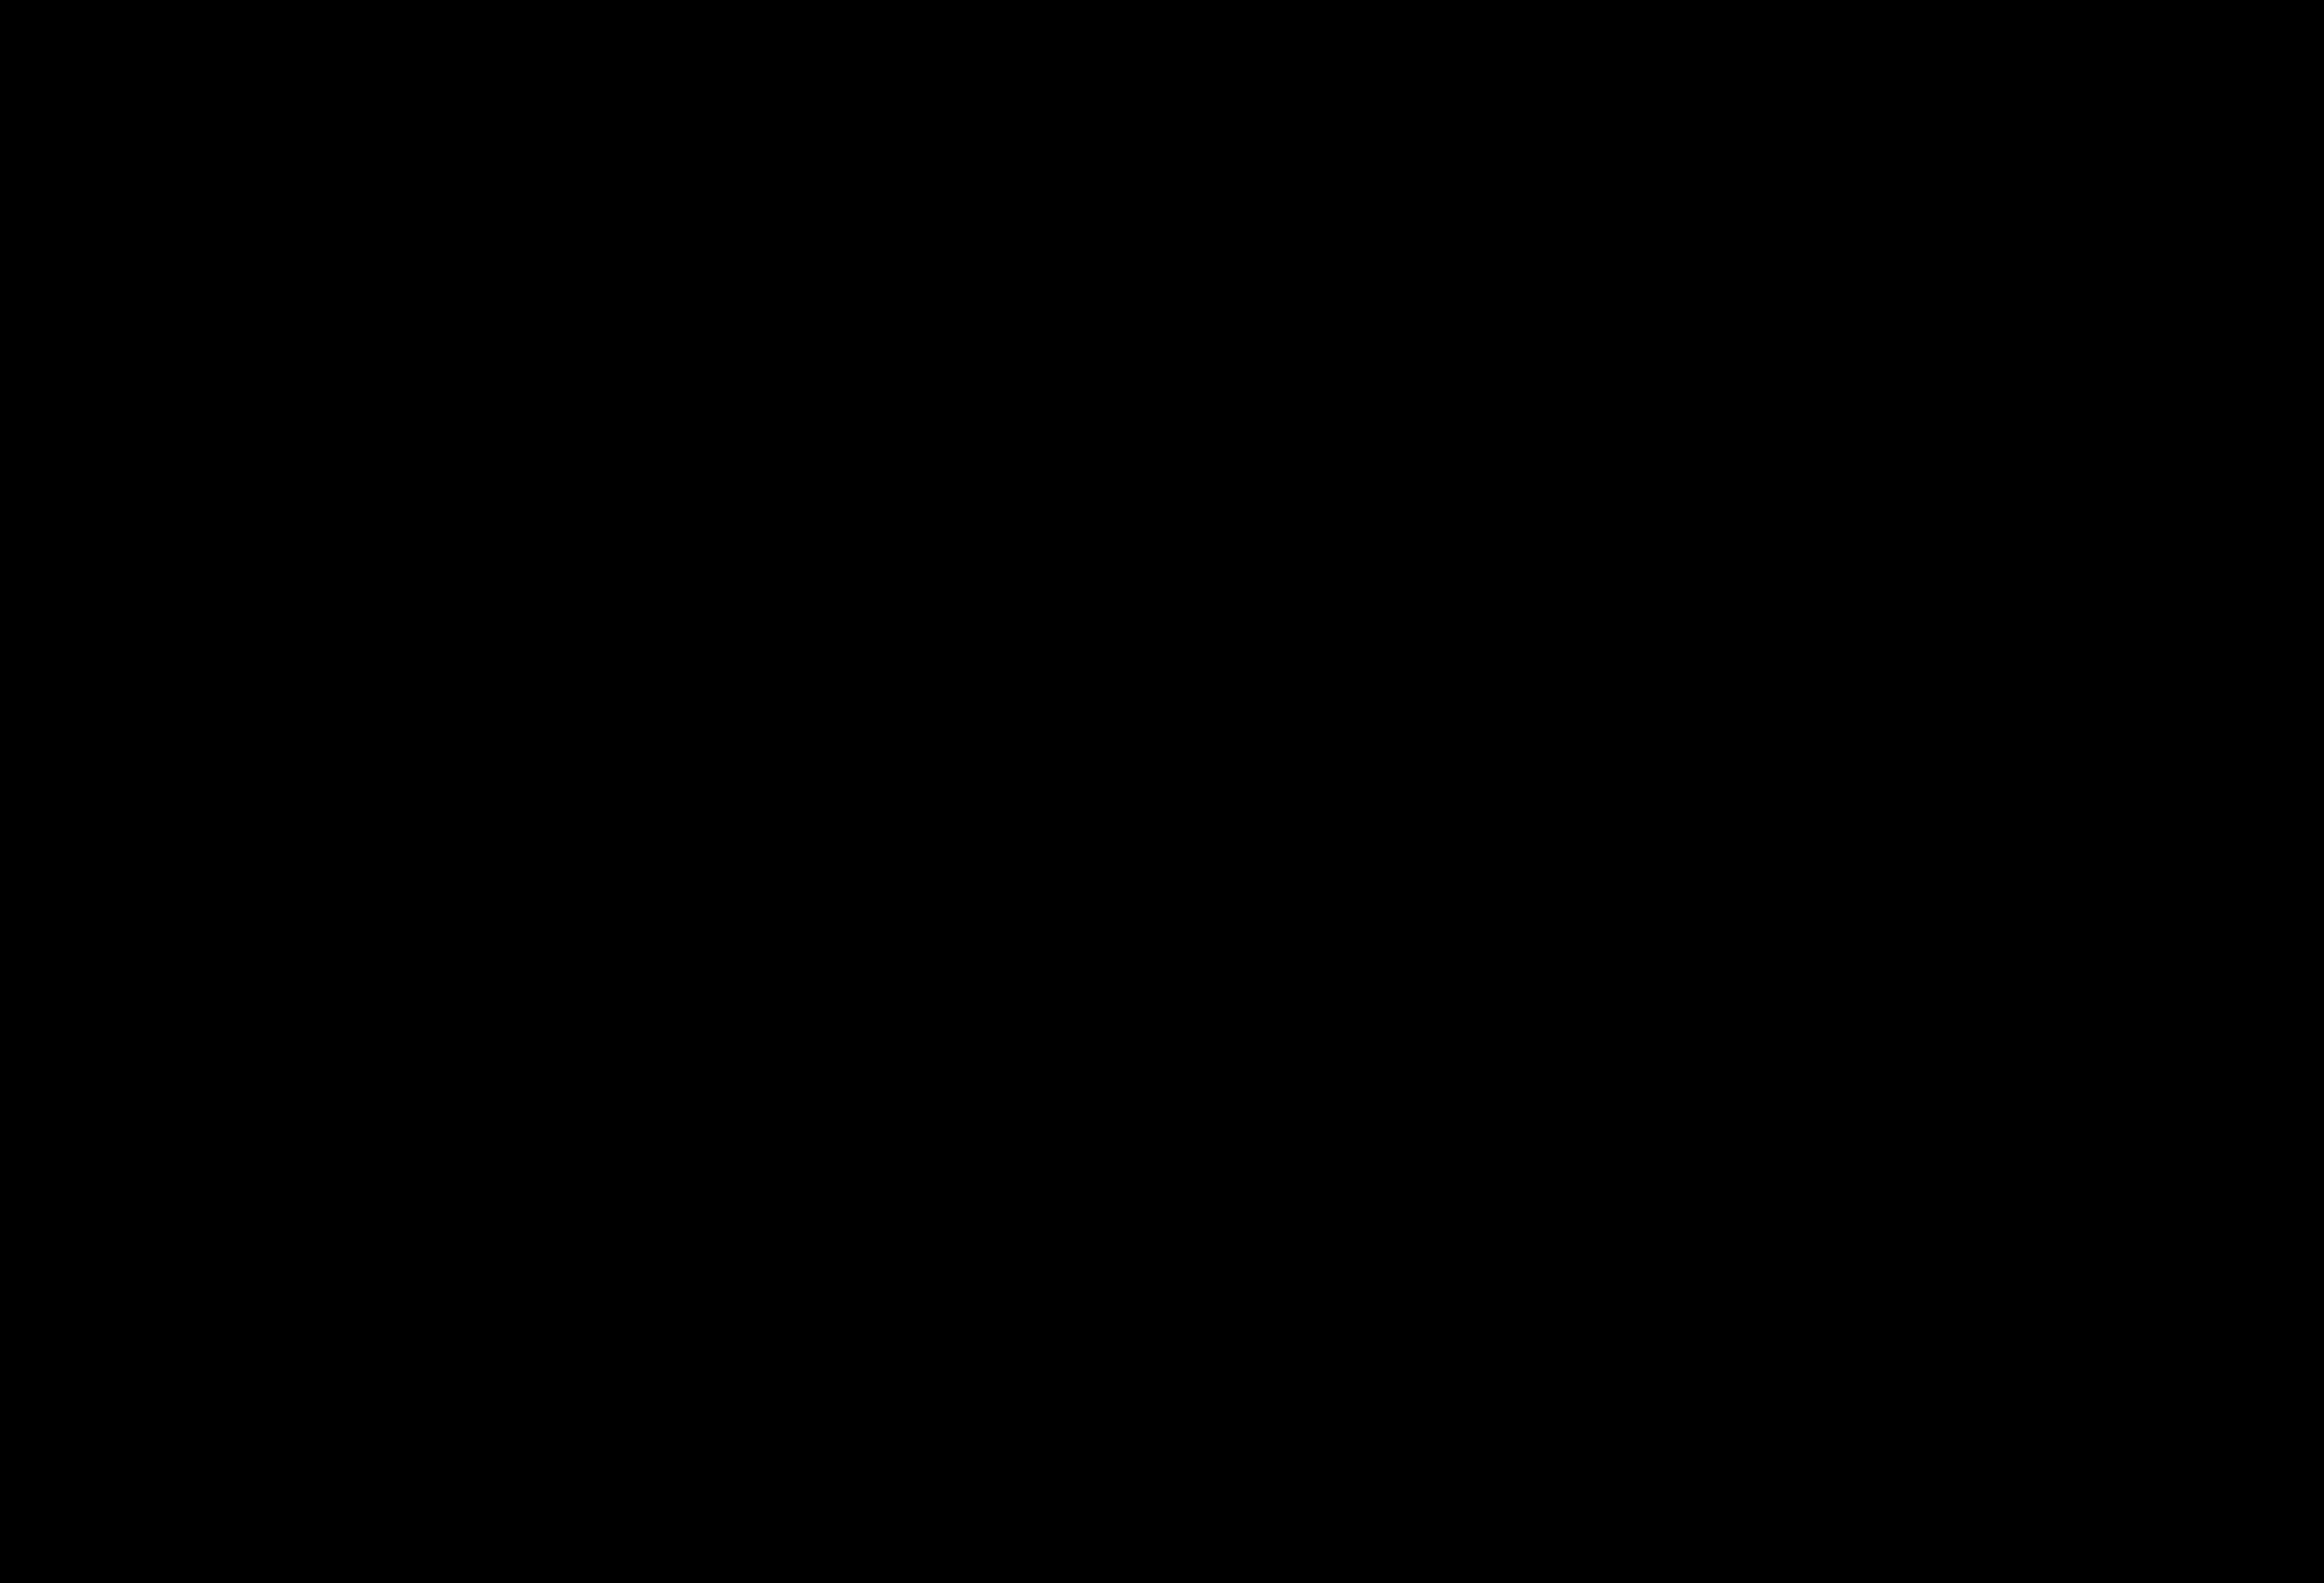 Dva roky na cestě kolem světa - co nám cestování dalo a vzalo